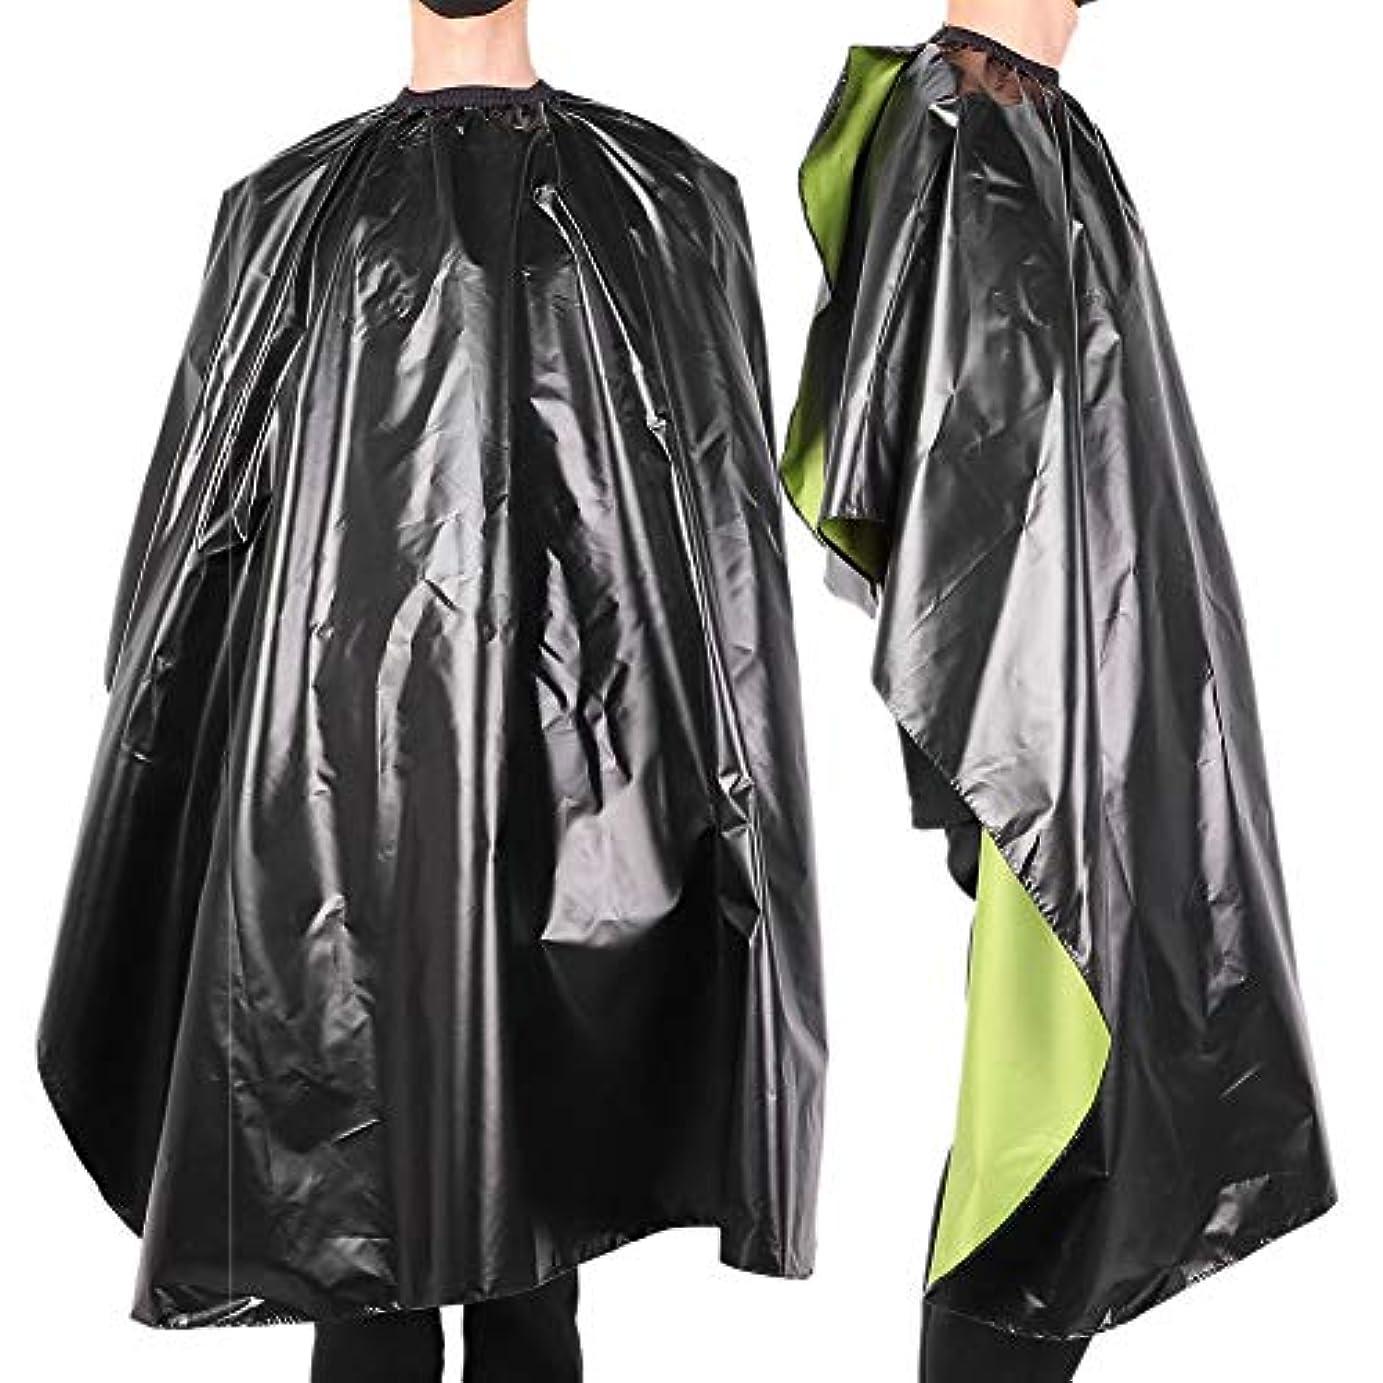 気になる持ってる別に防水 調整可能 サロン 散髪 ヘアスタイリングケープ-ガ ウン大人の理髪理髪師 ラップエプロン